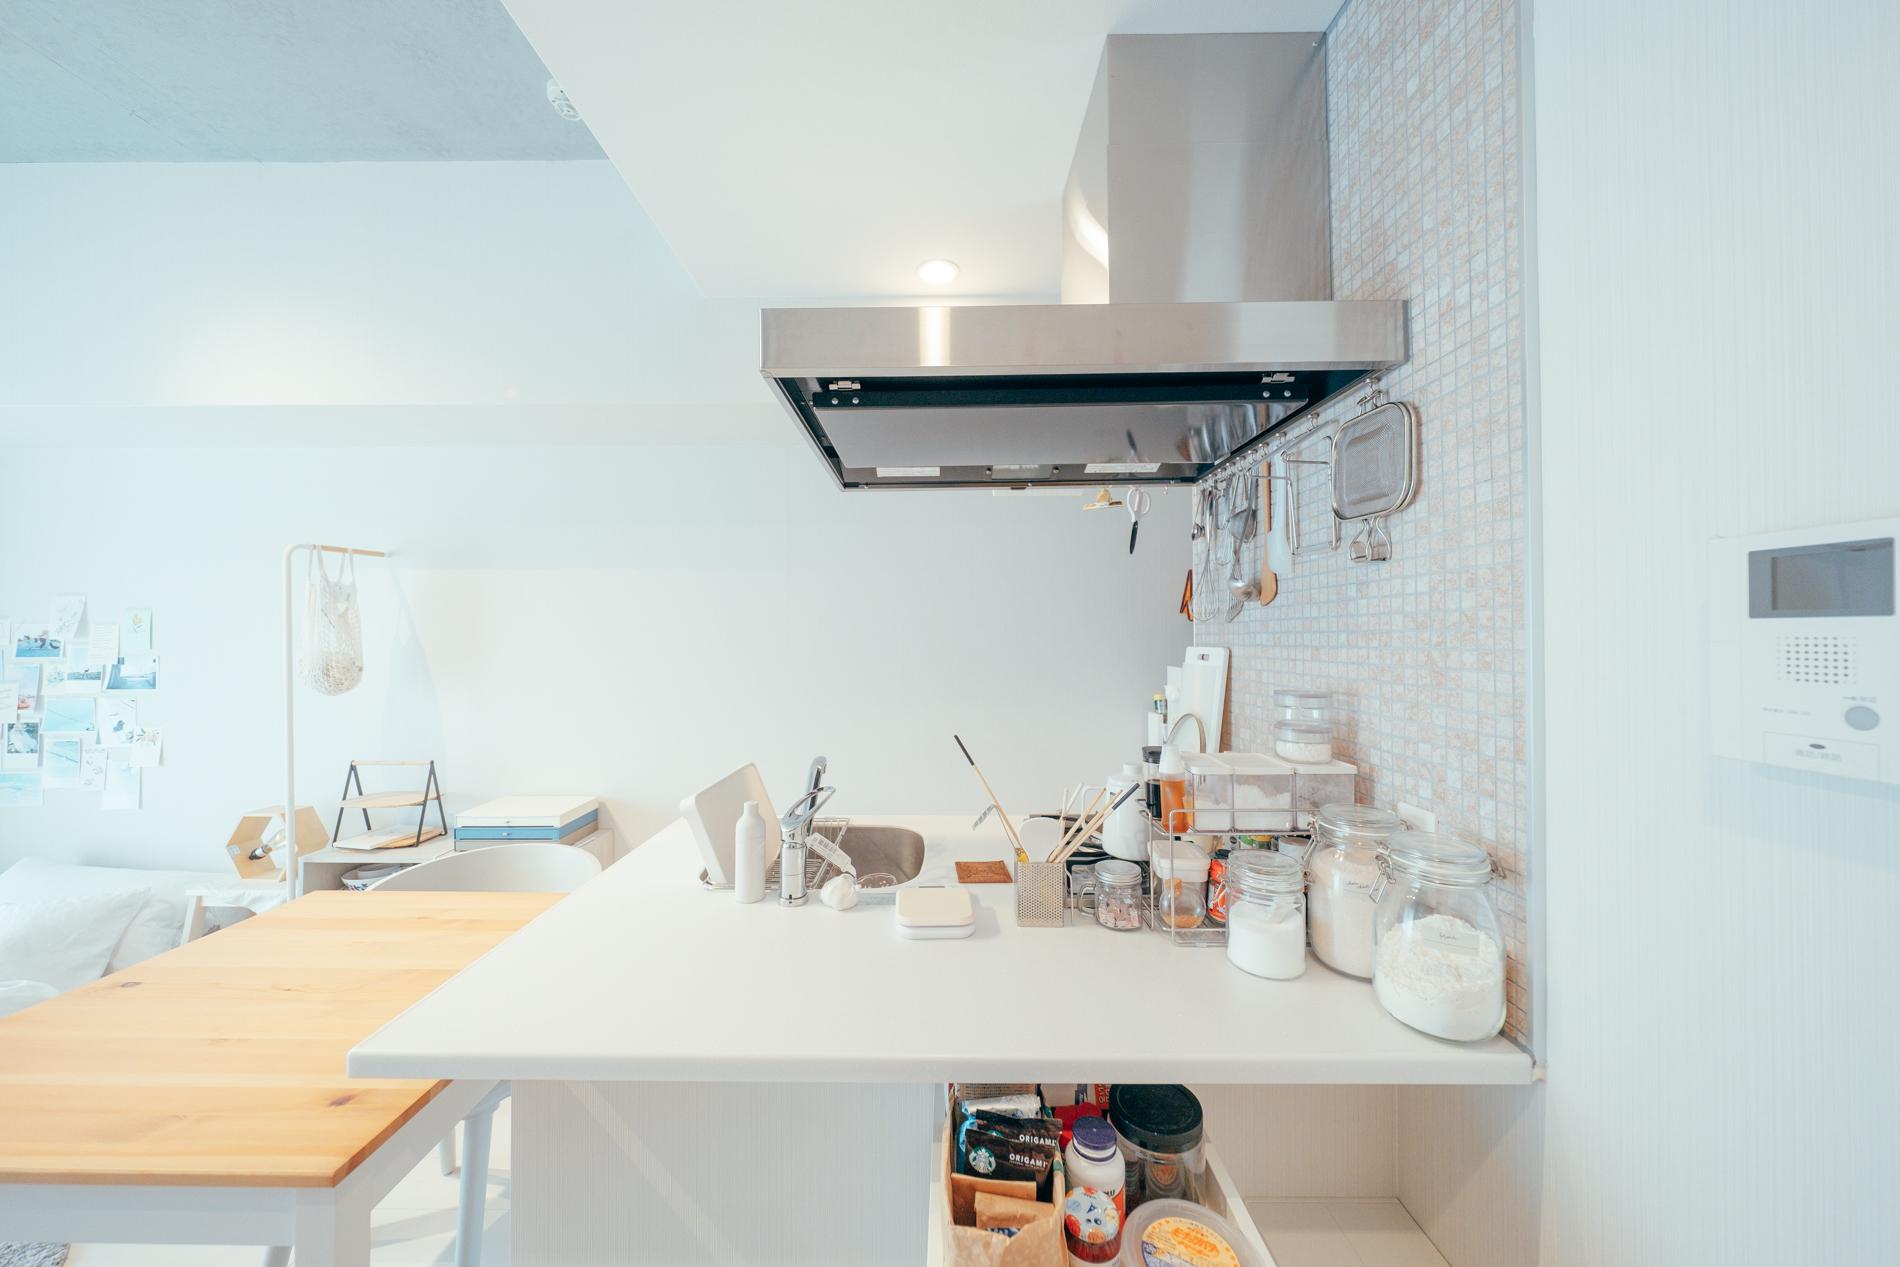 お部屋を決めたポイントの1つでもあるキッチンも使い方を工夫している場所の1つだそう。 「空間として、開けているキッチンが最初にお部屋を見た時、とても良いなと思いました。」